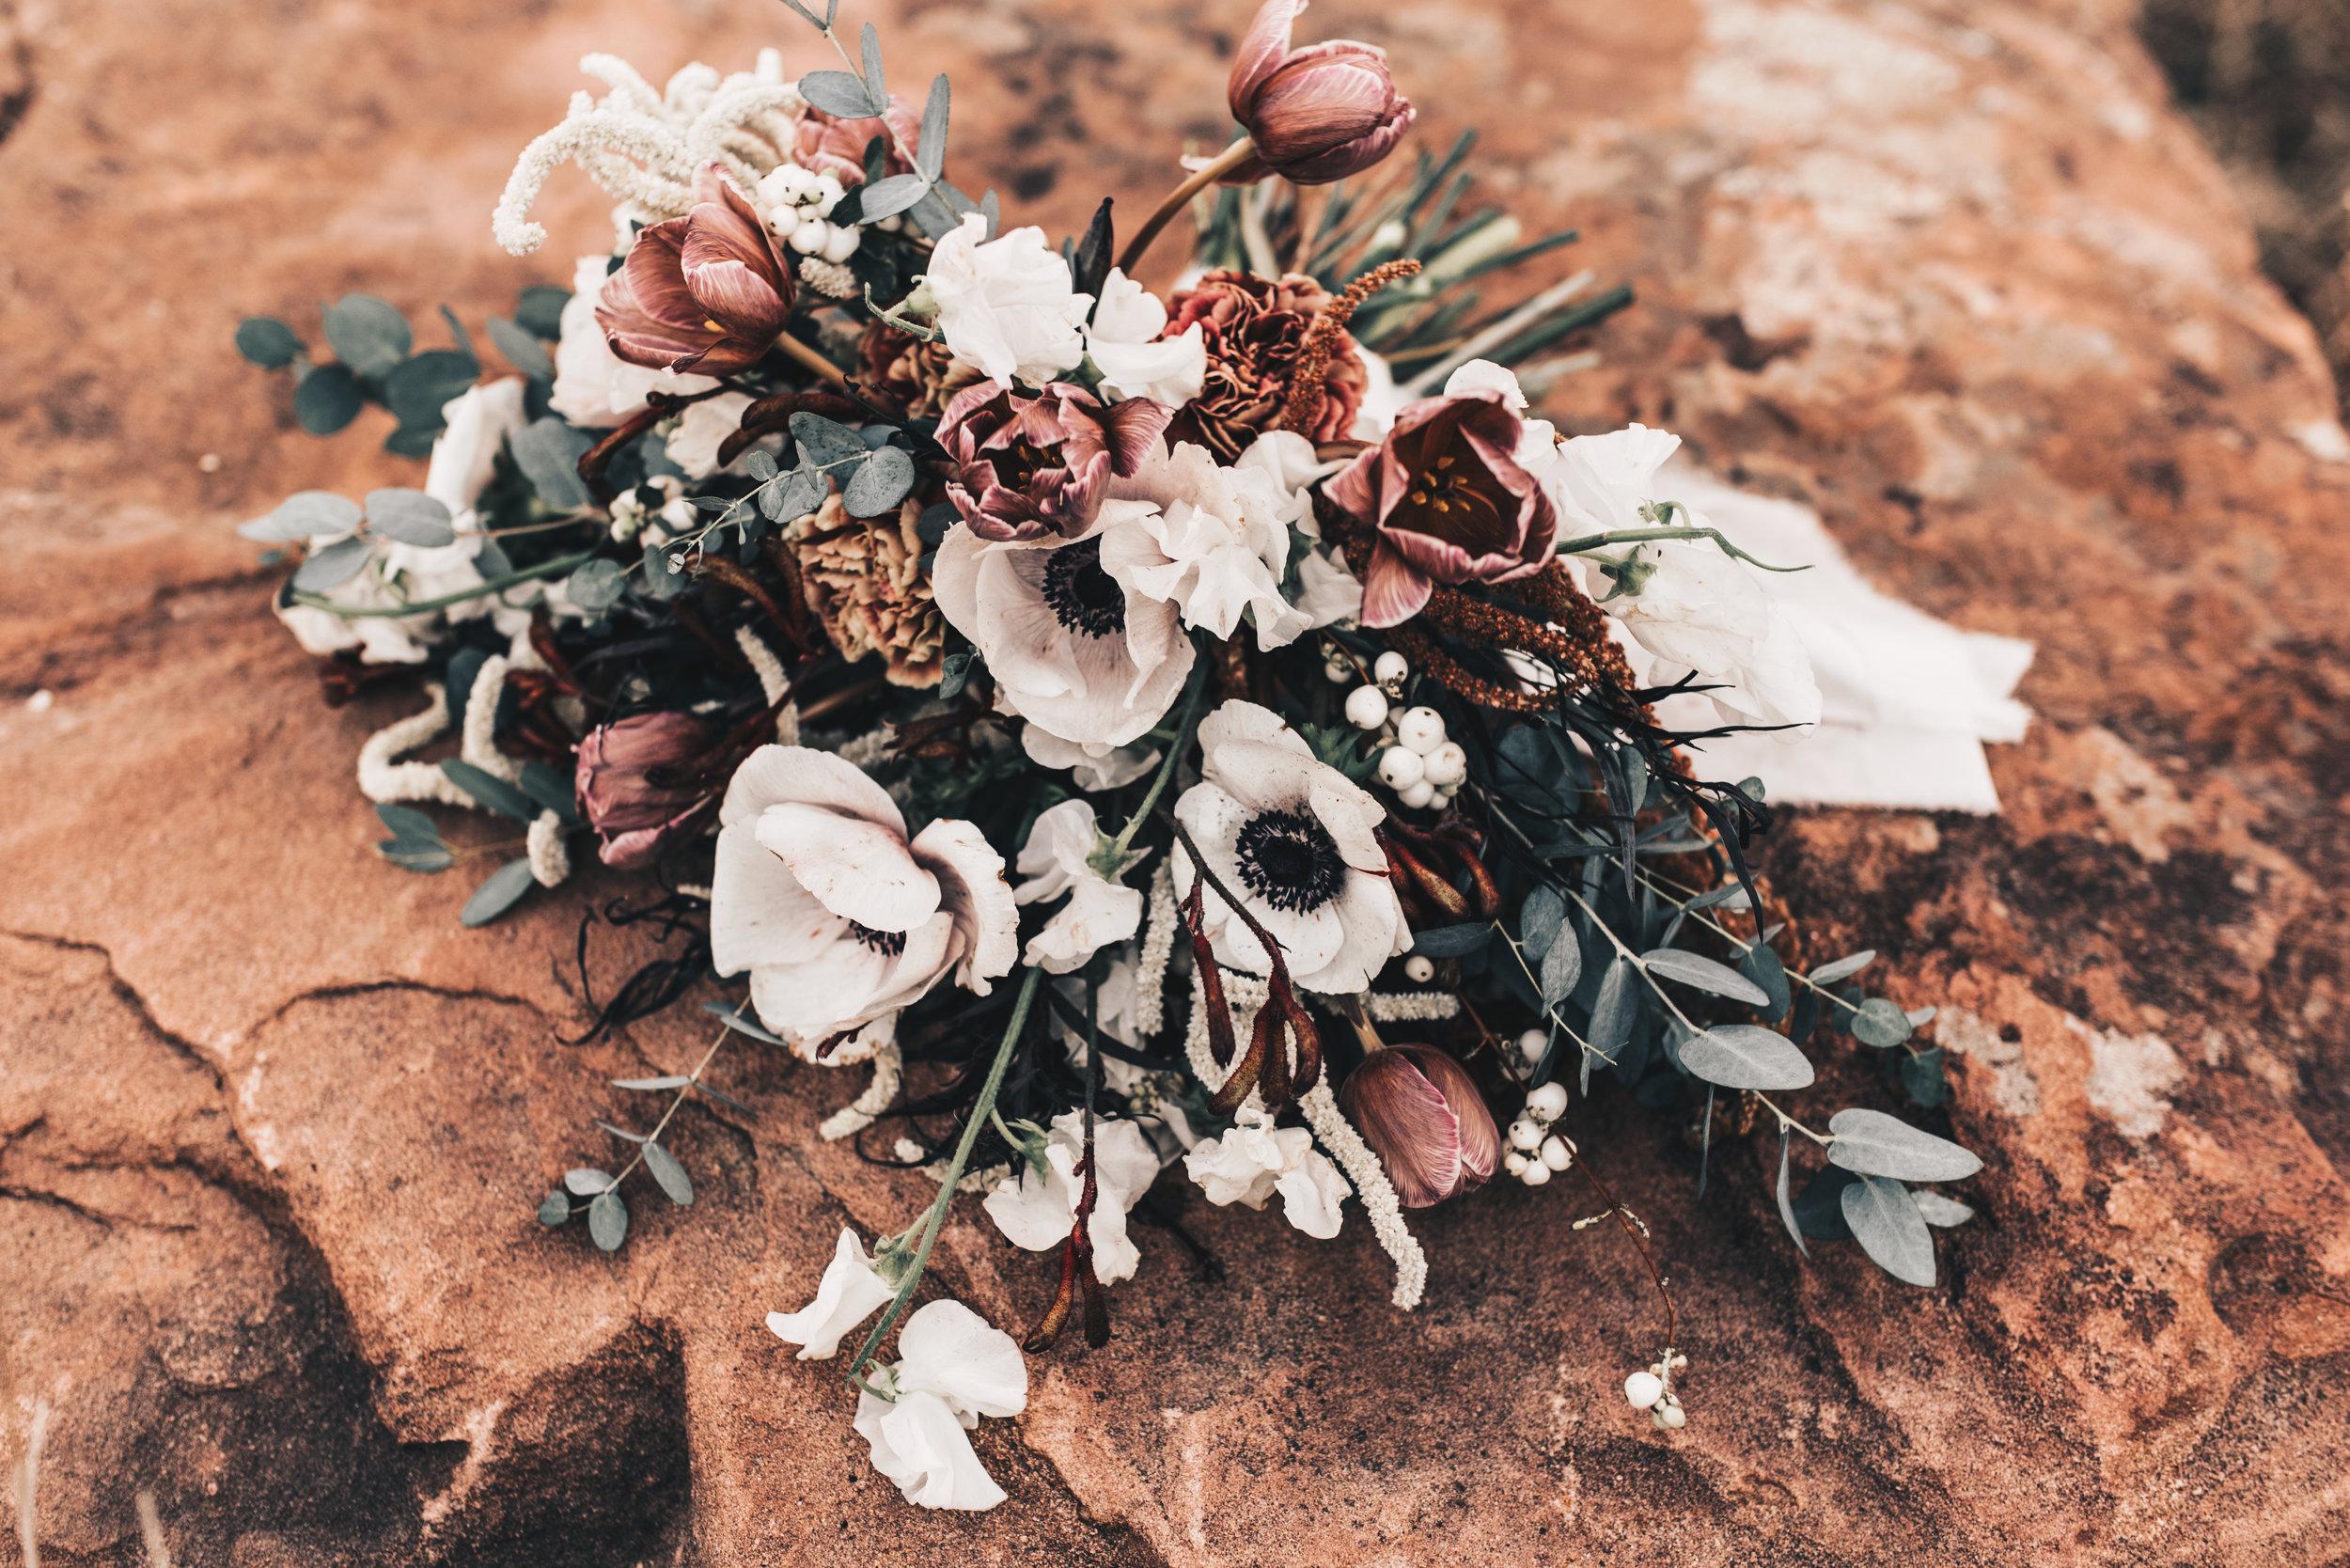 Chautauqua elopement photographer, Chautauqua wedding photographer, Boulder elopement photographer, mountain couples session, Colorado elopement photographer, Colorado mountain elopement